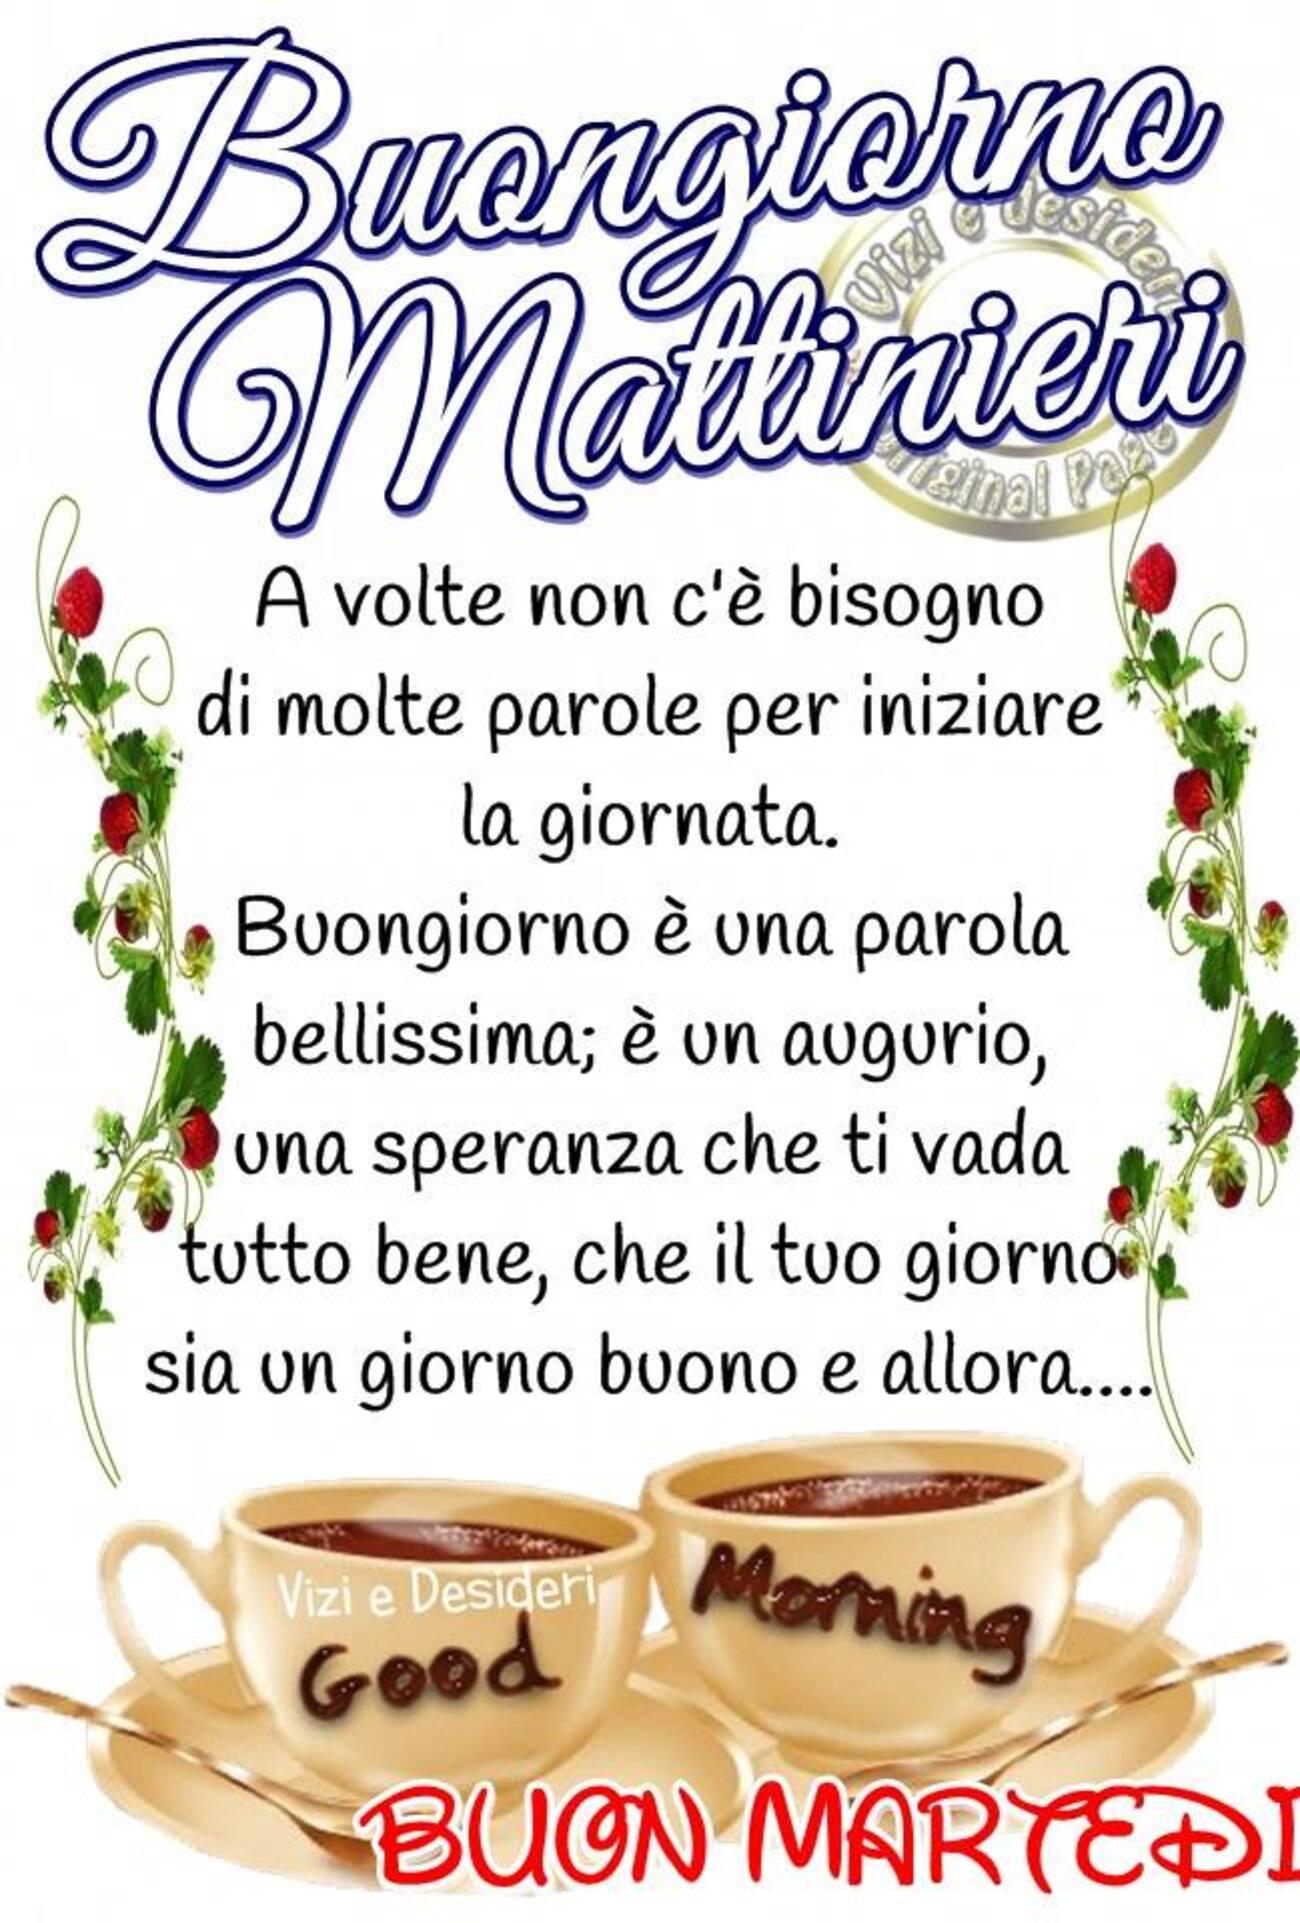 Buongiorno Mattinieri Buon Martedì